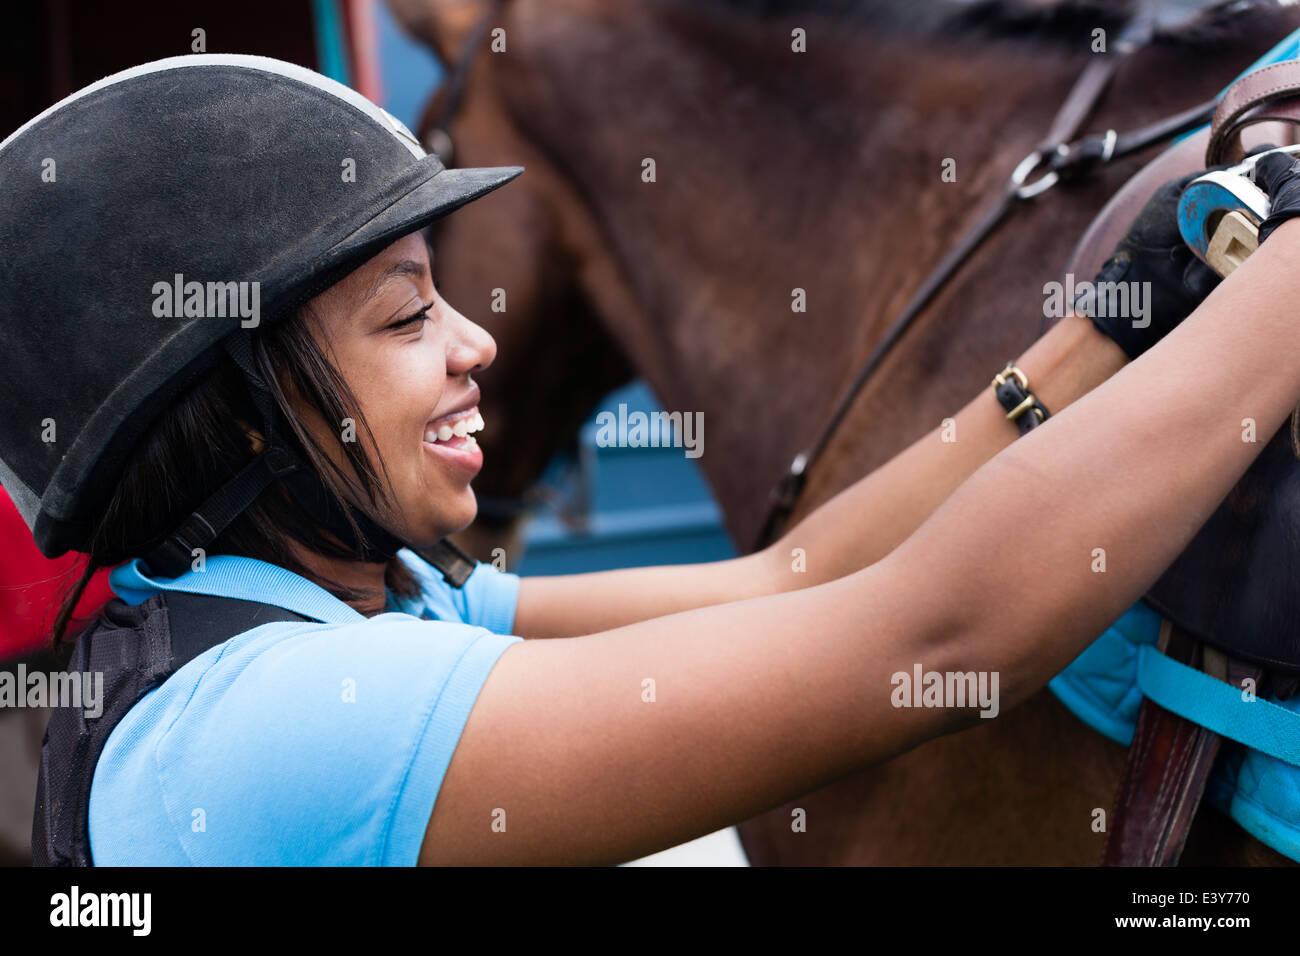 Nahaufnahme von junge Frau Pferd Sattel aufsetzen Stockbild